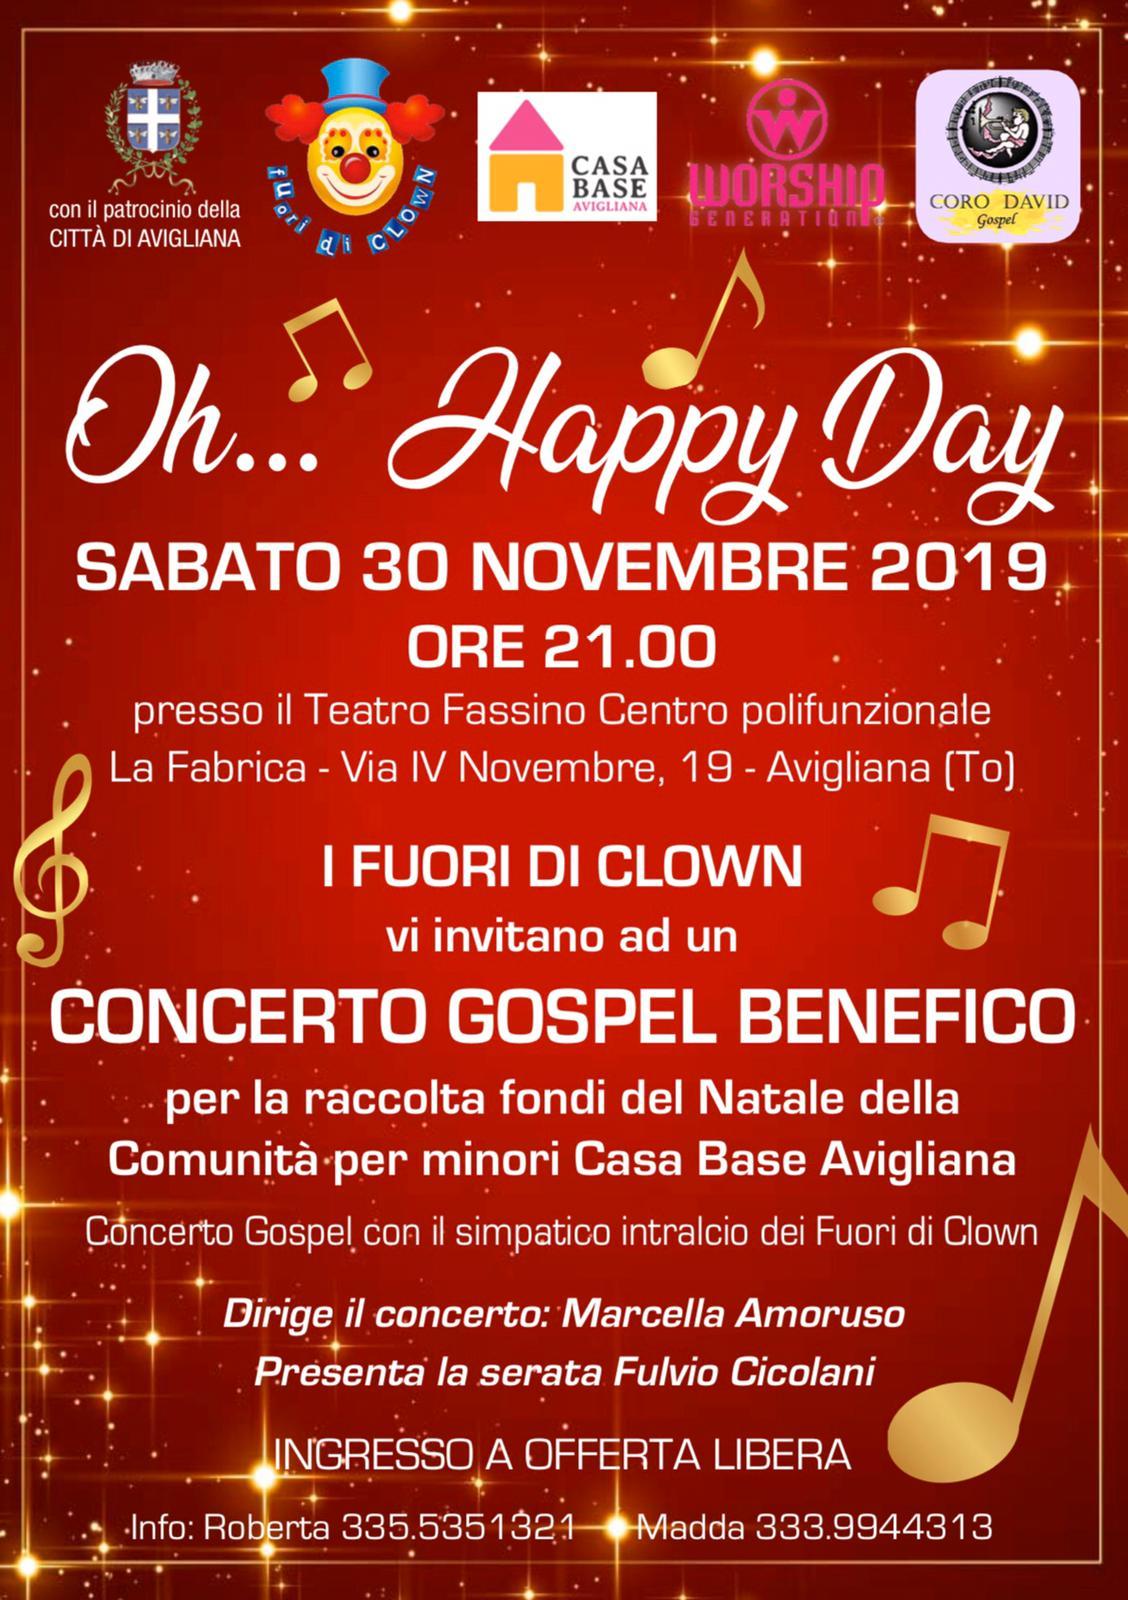 Volantino Oh Happy day - Casa Base Avigliana